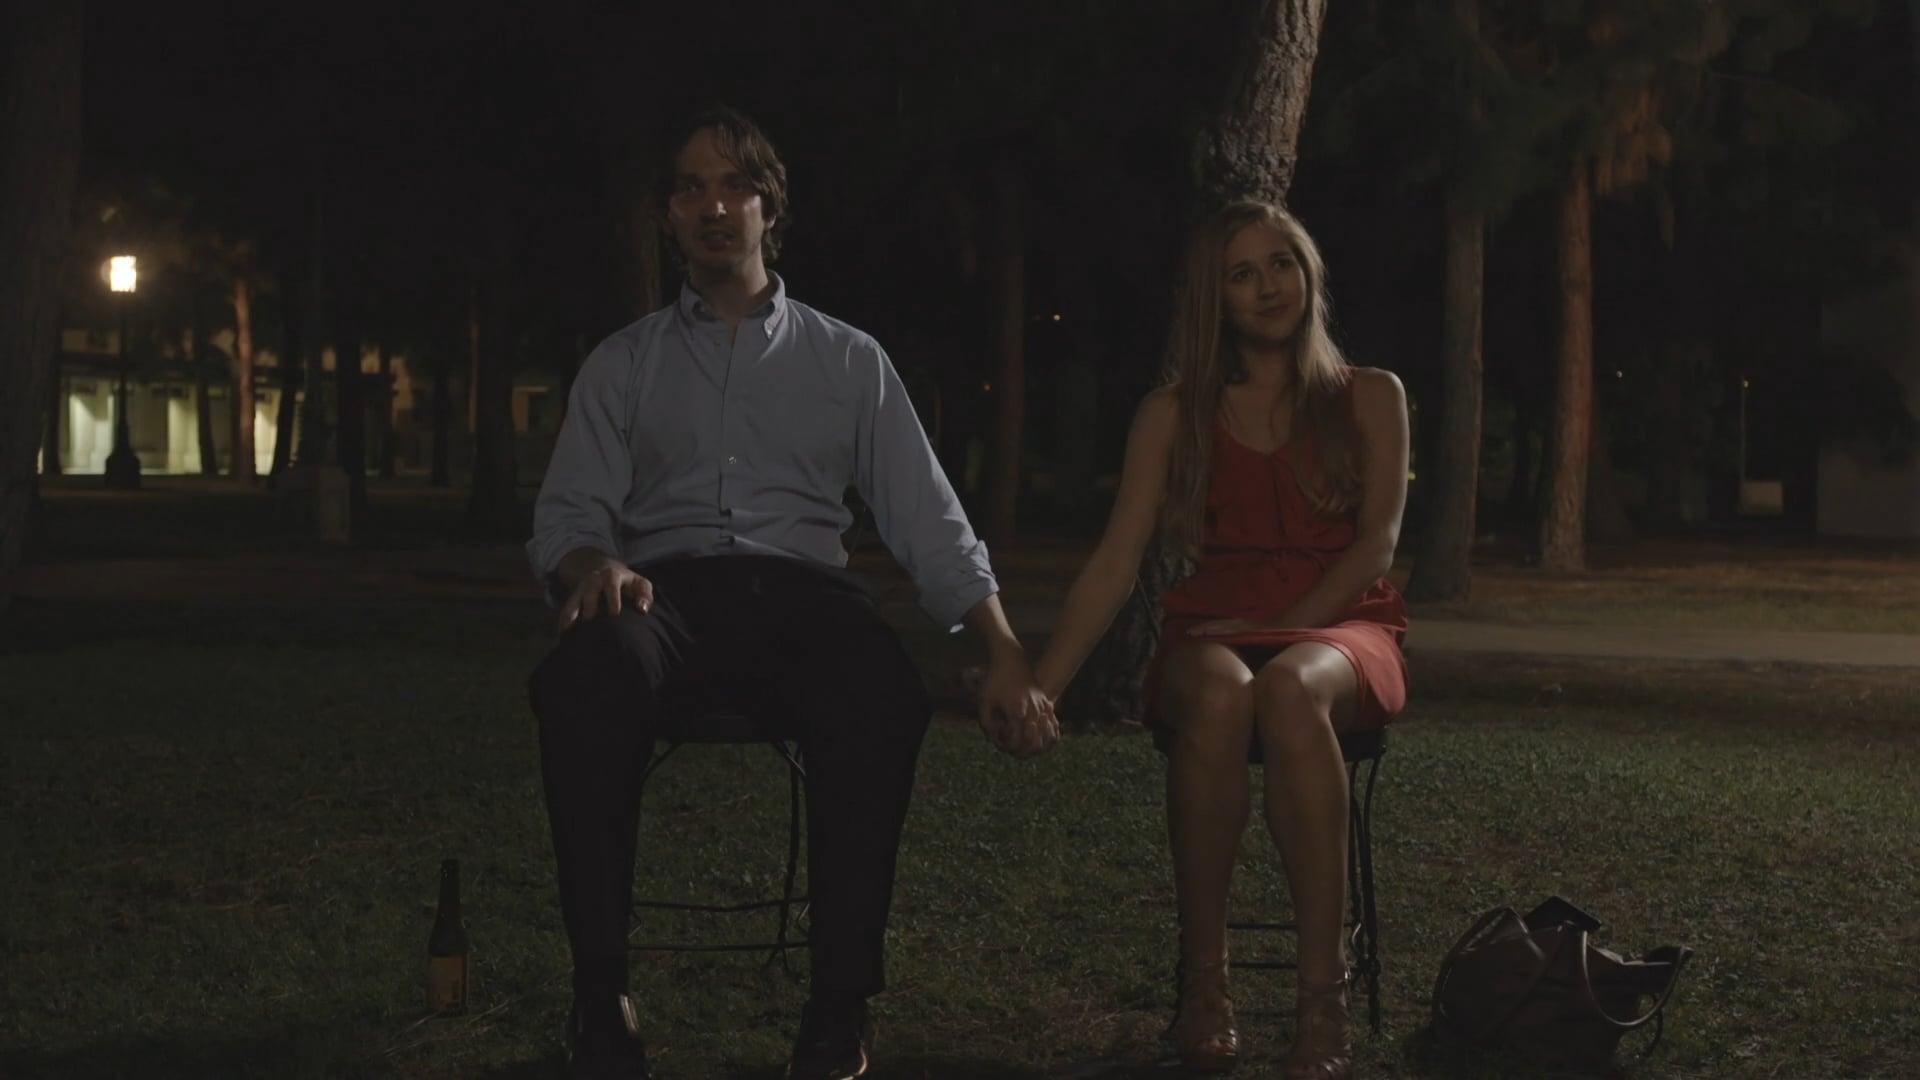 Romantic - Short Film (2014)